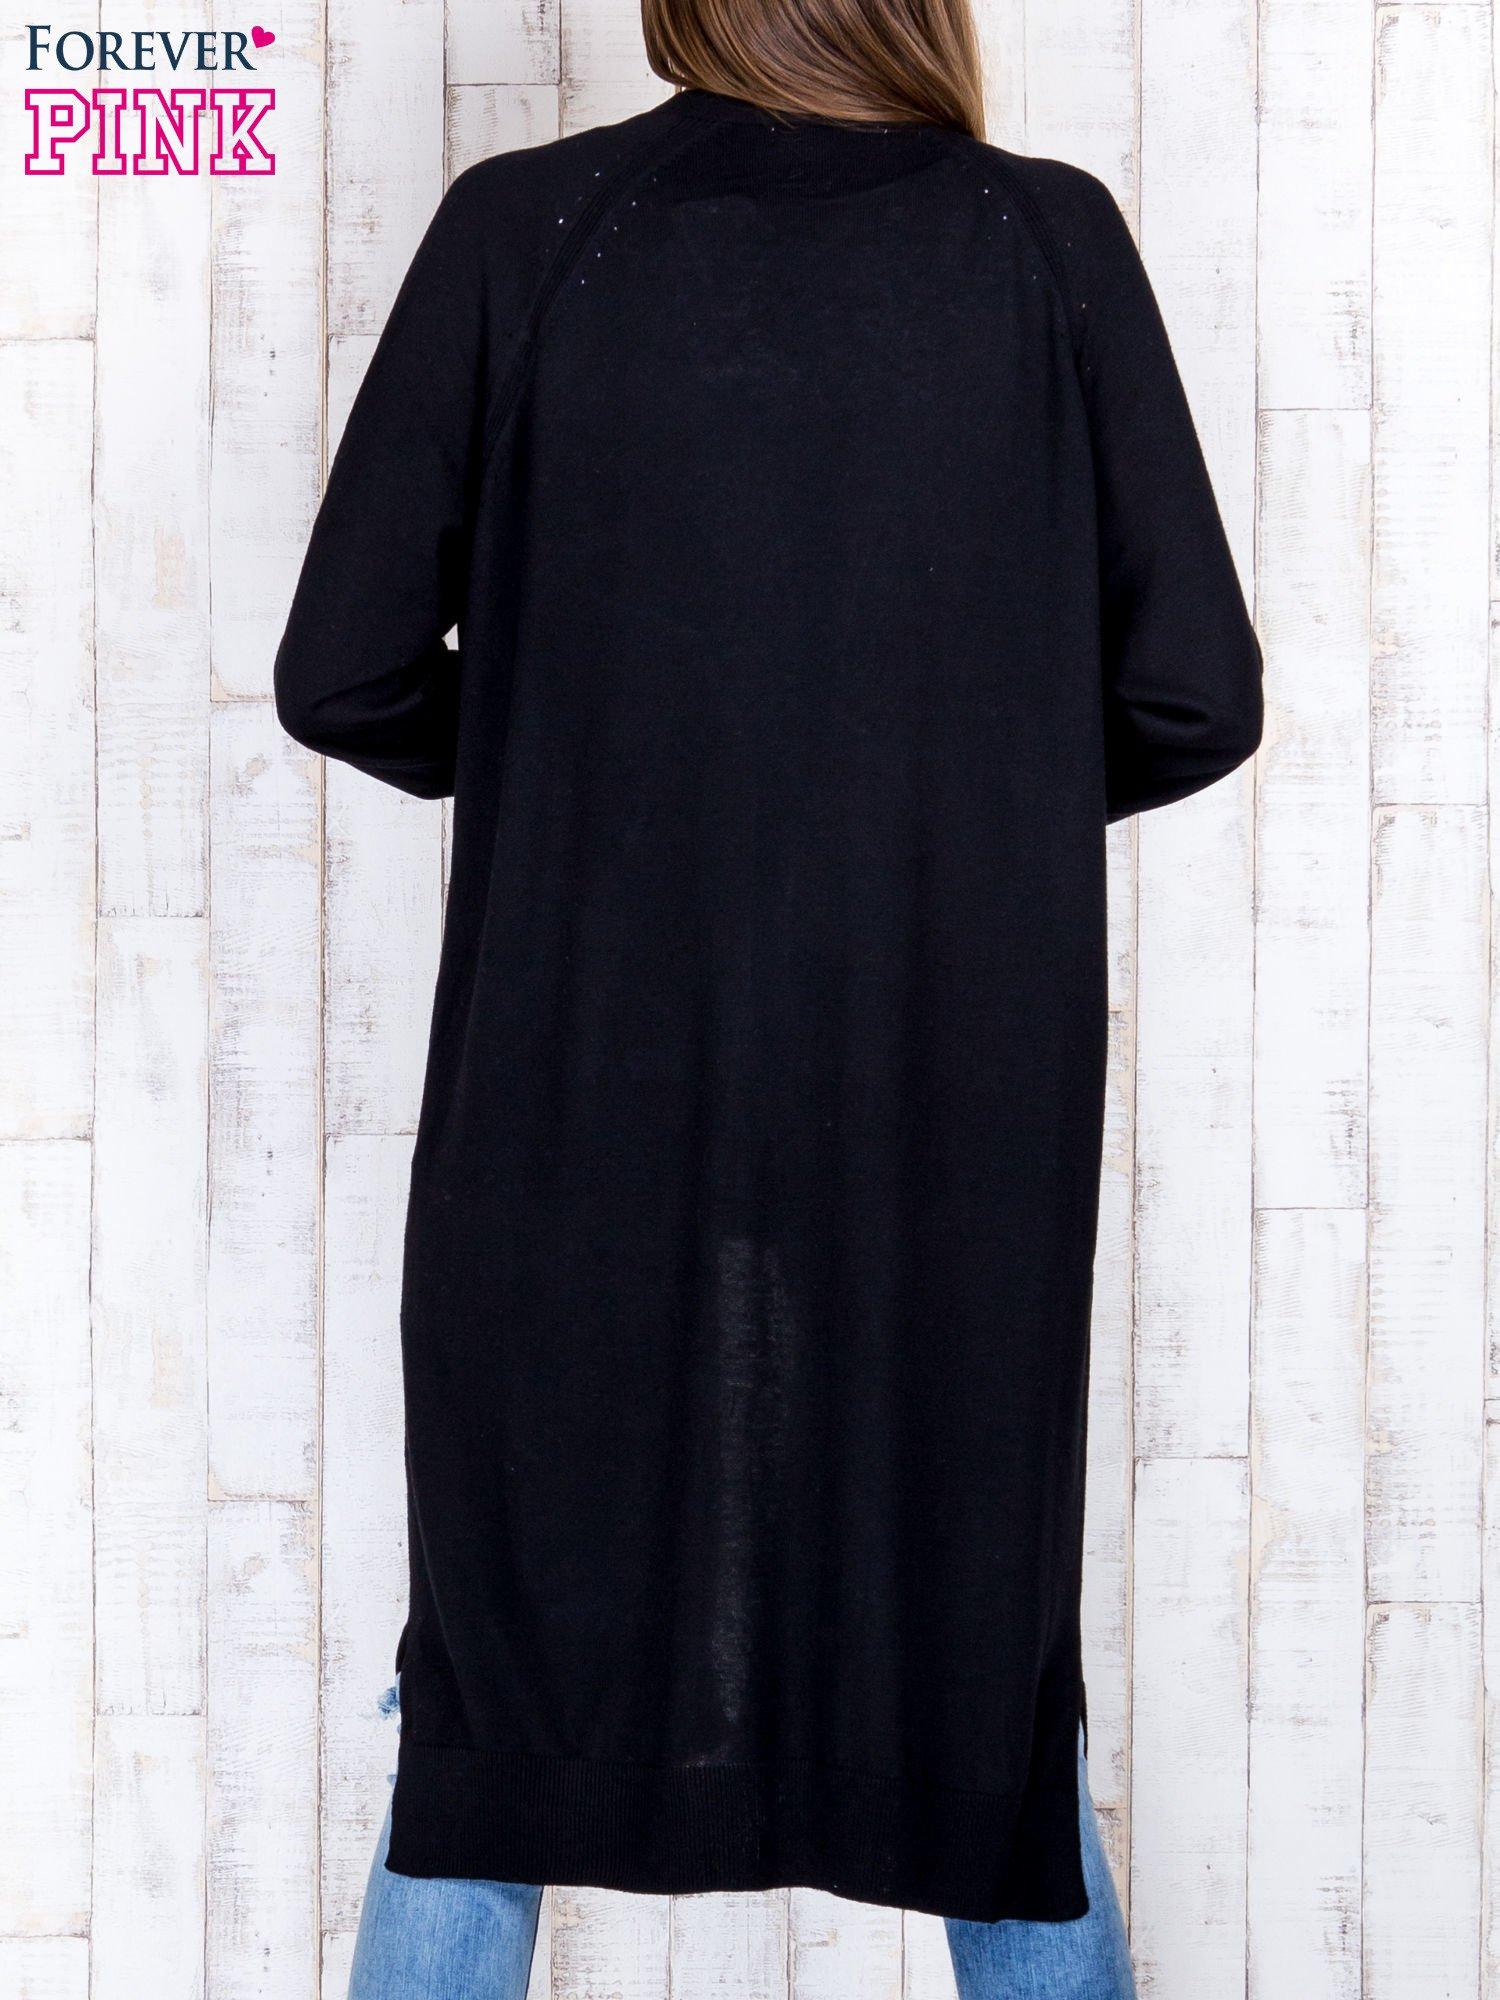 Czarny długi sweter z ażurowym zdobieniem szwów                                  zdj.                                  2